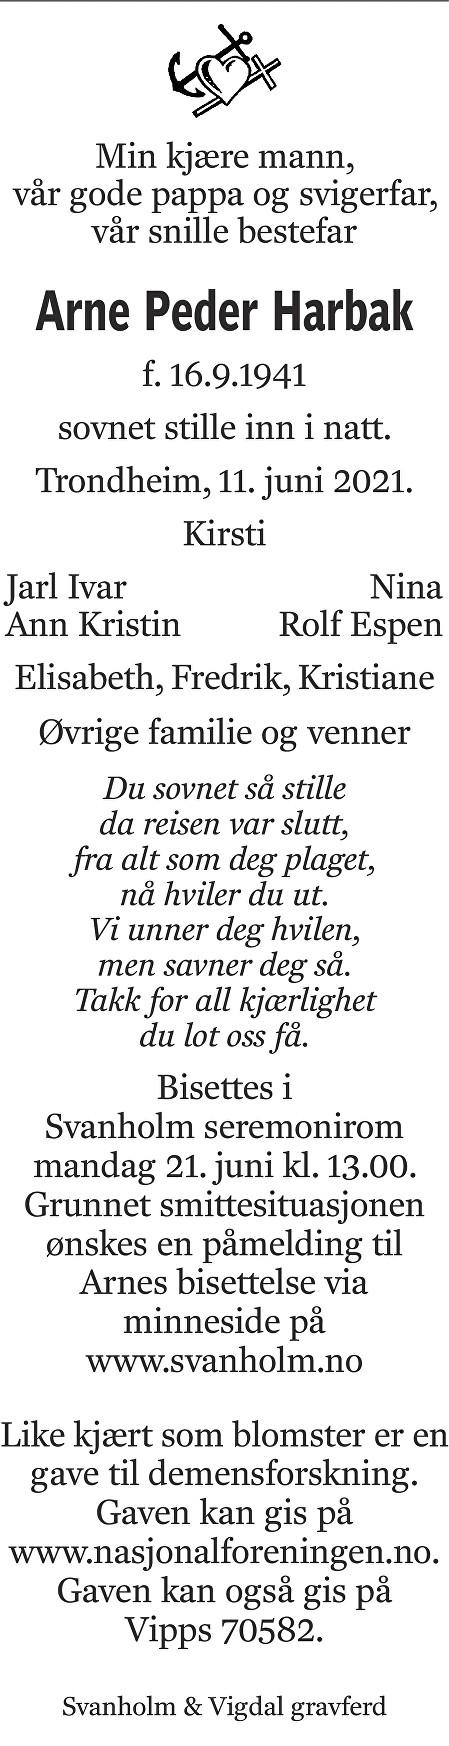 Arne Peder Harbak Dødsannonse